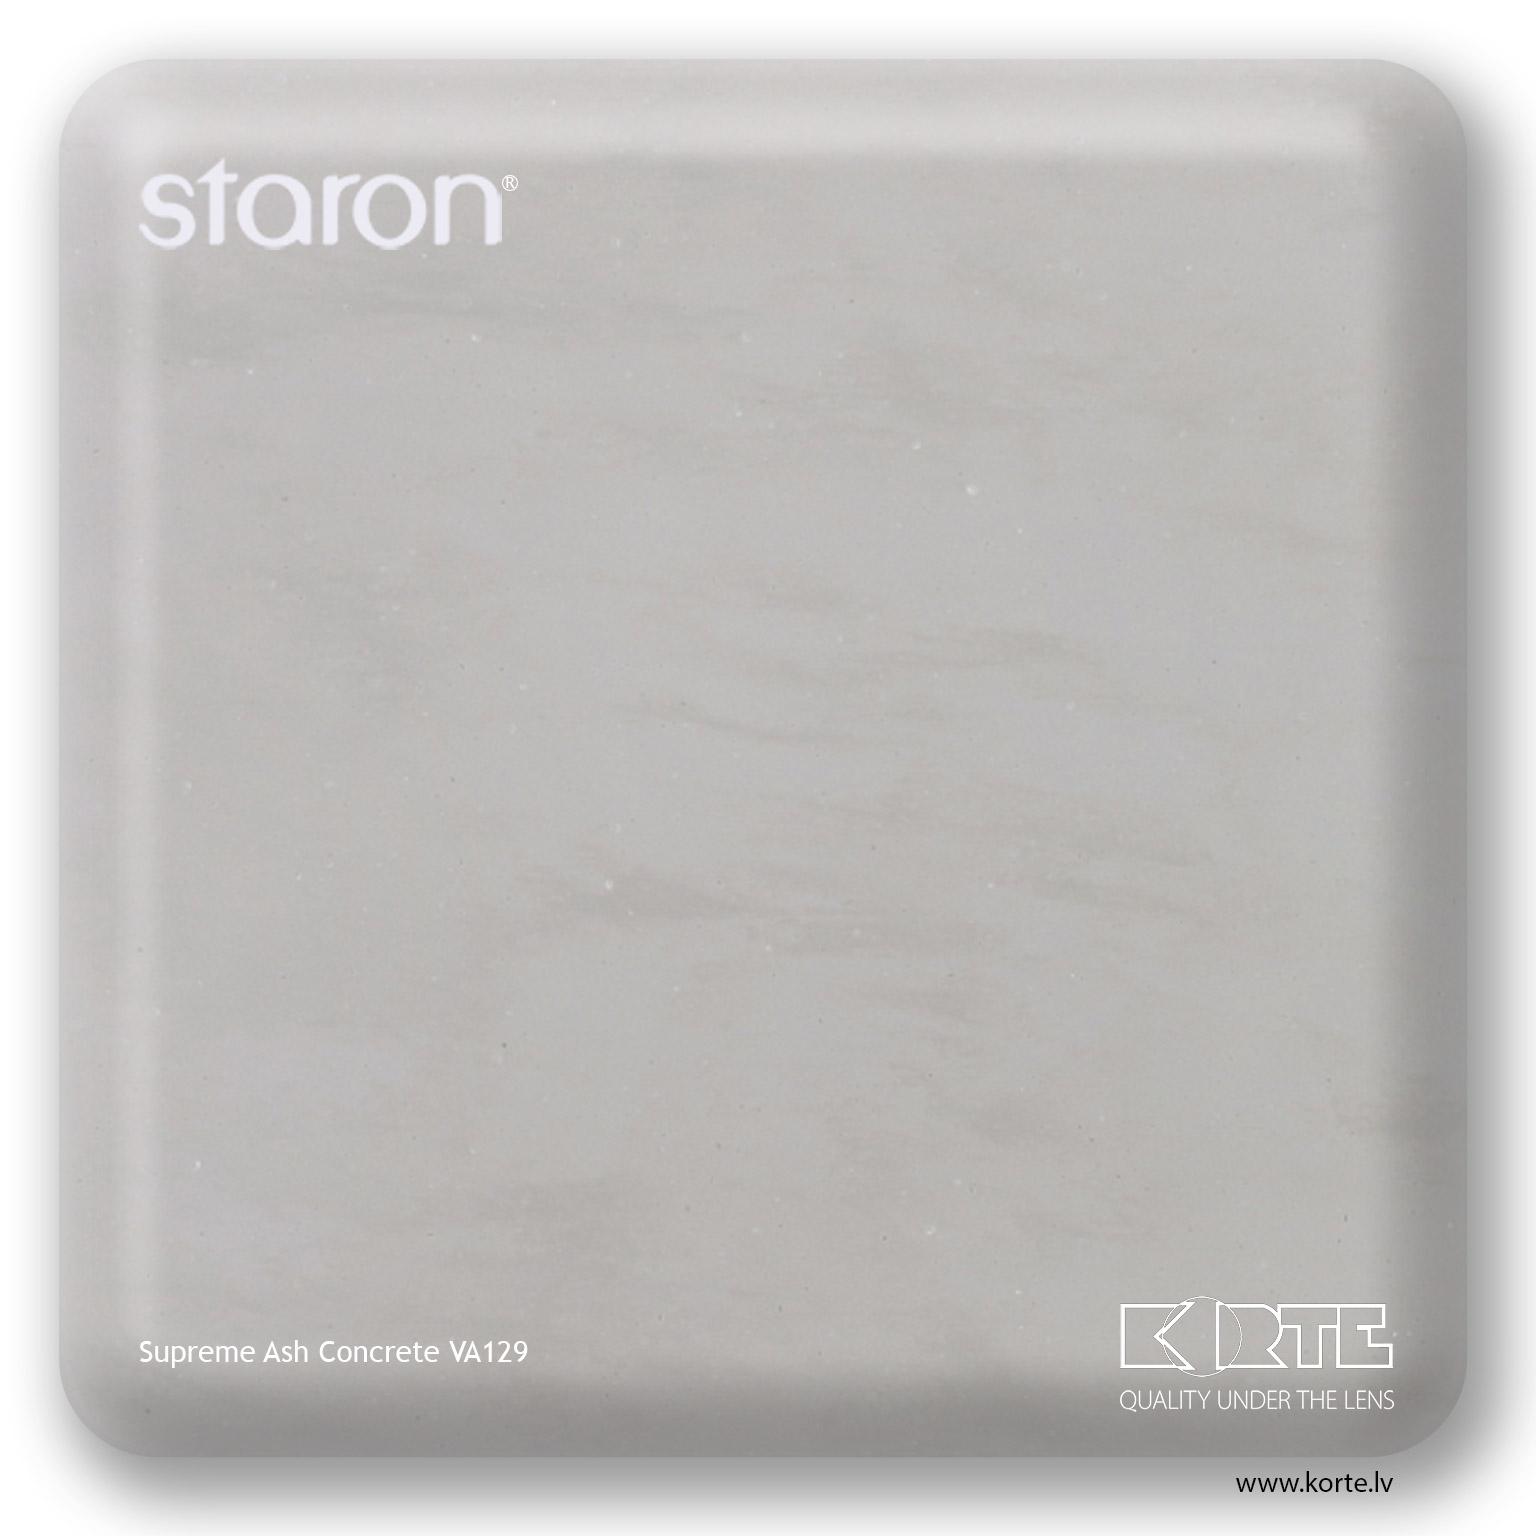 Staron Supreme Ash Concrete VA129